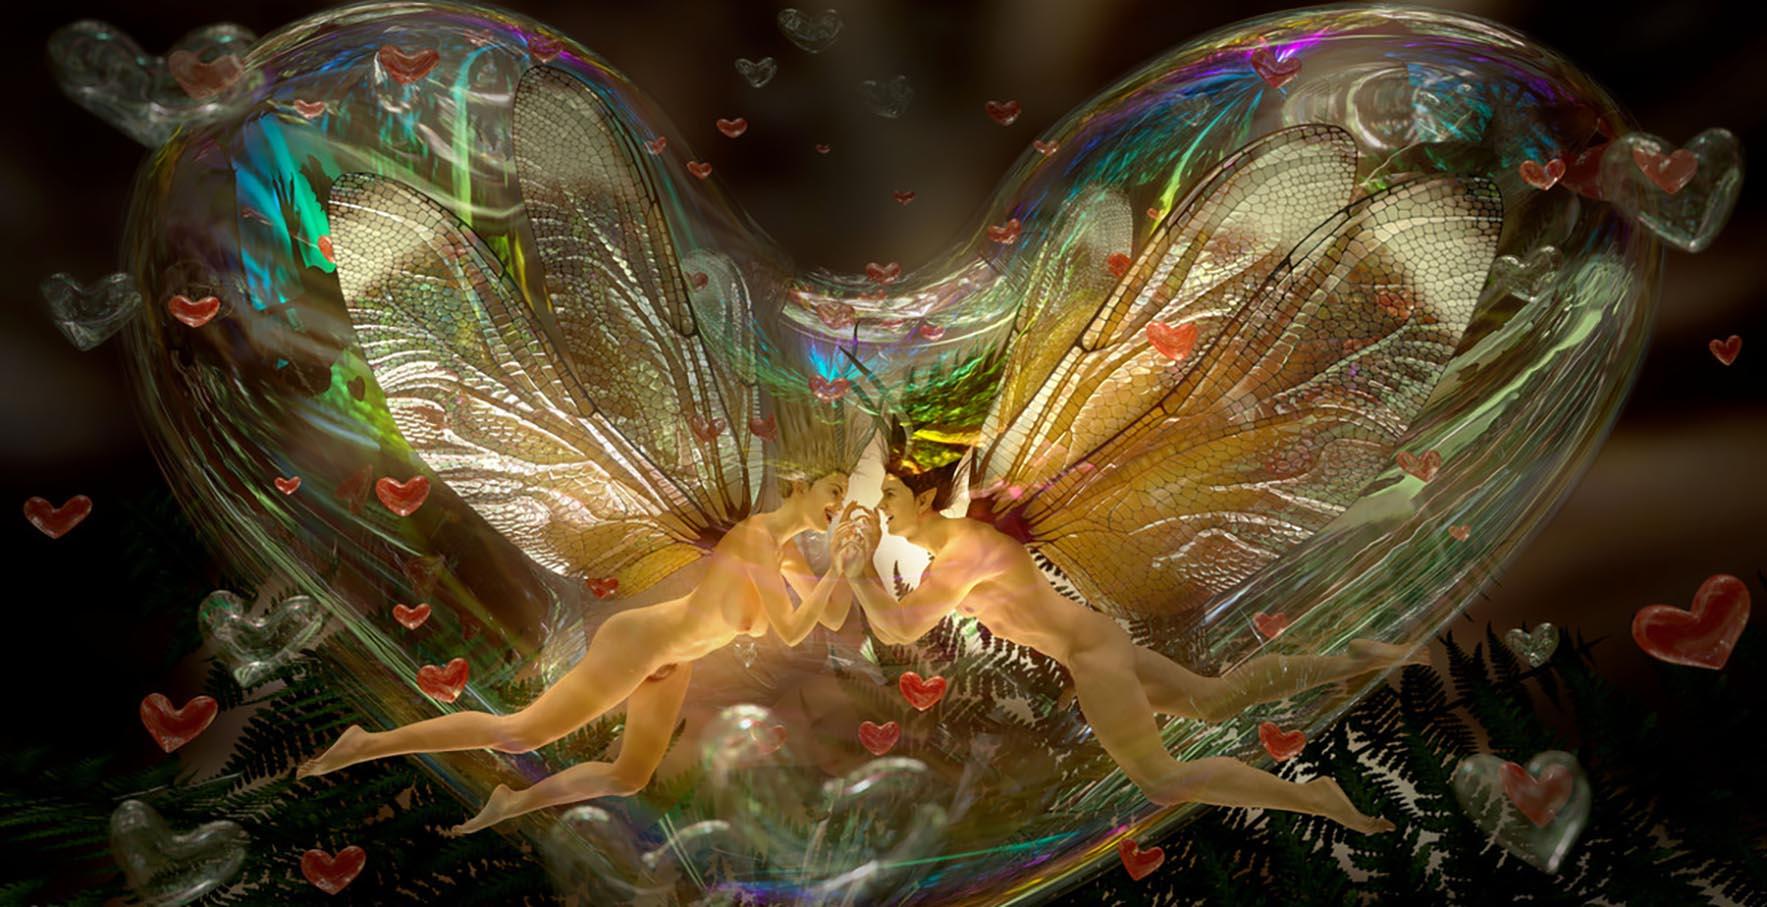 Love bubble fairies